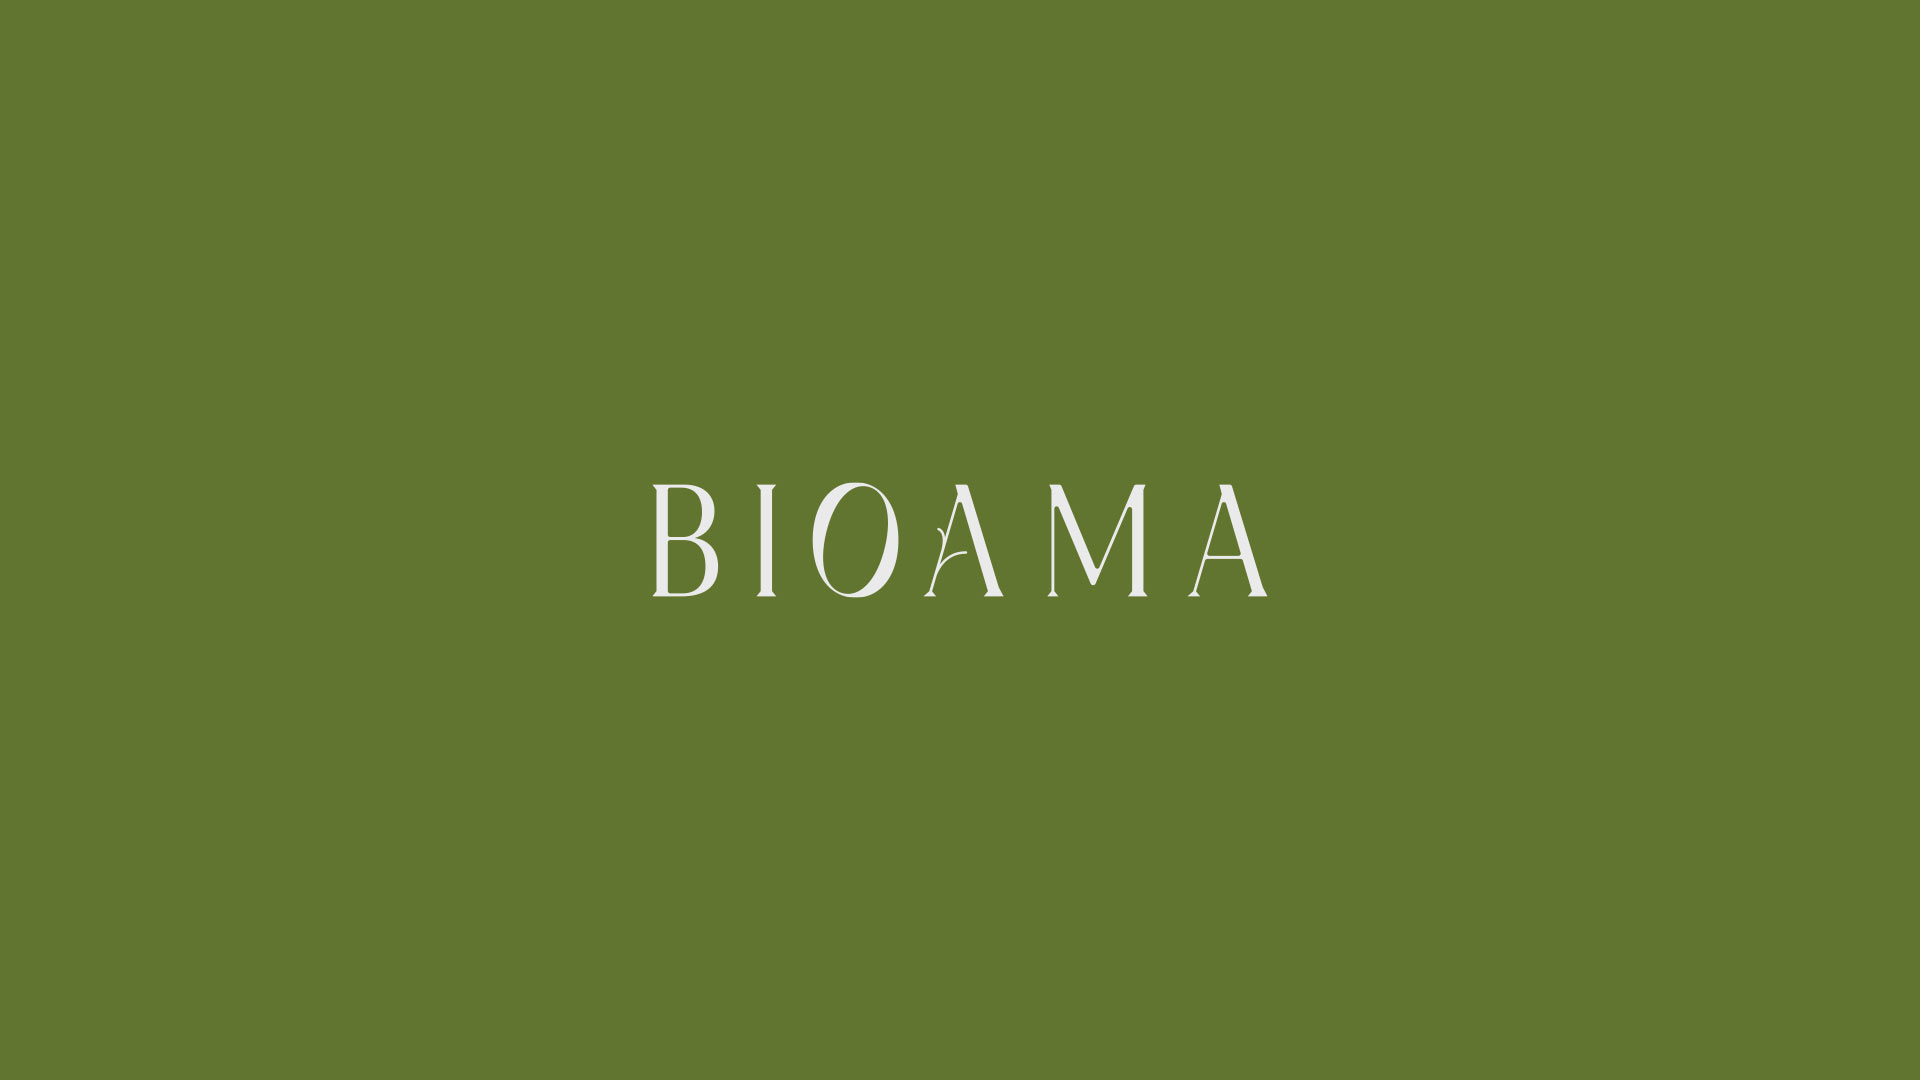 00 bioama logotipo green grafico milano